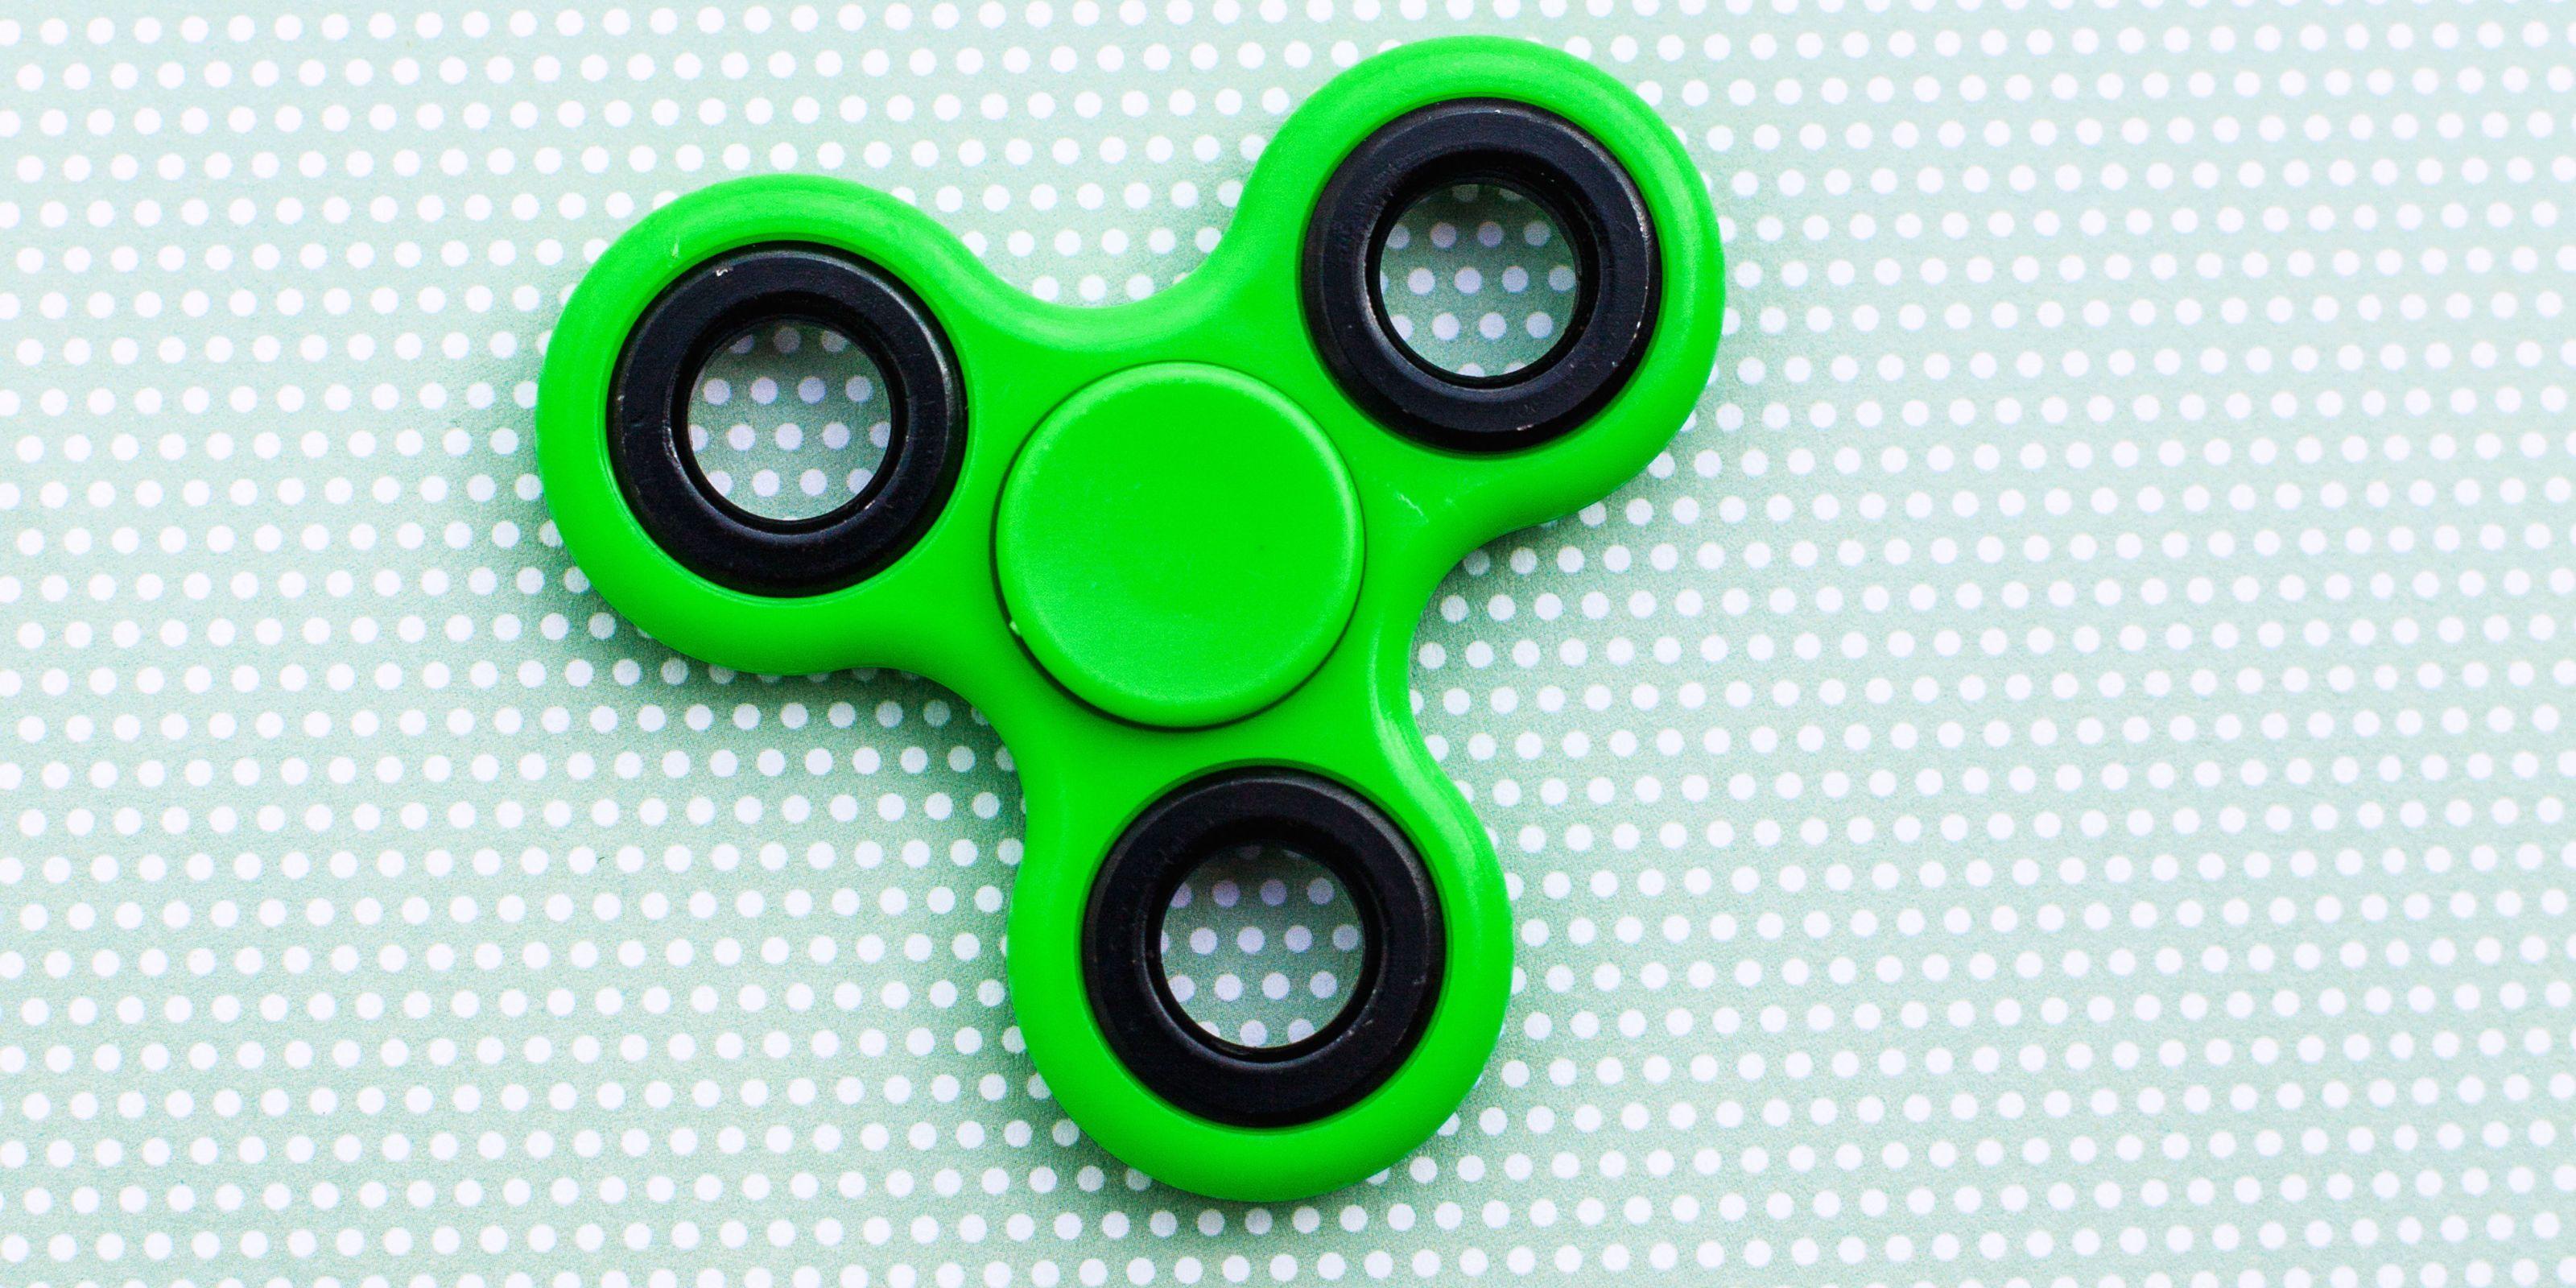 Krazy Spinner Blue Fidget Toy Brand New Gift